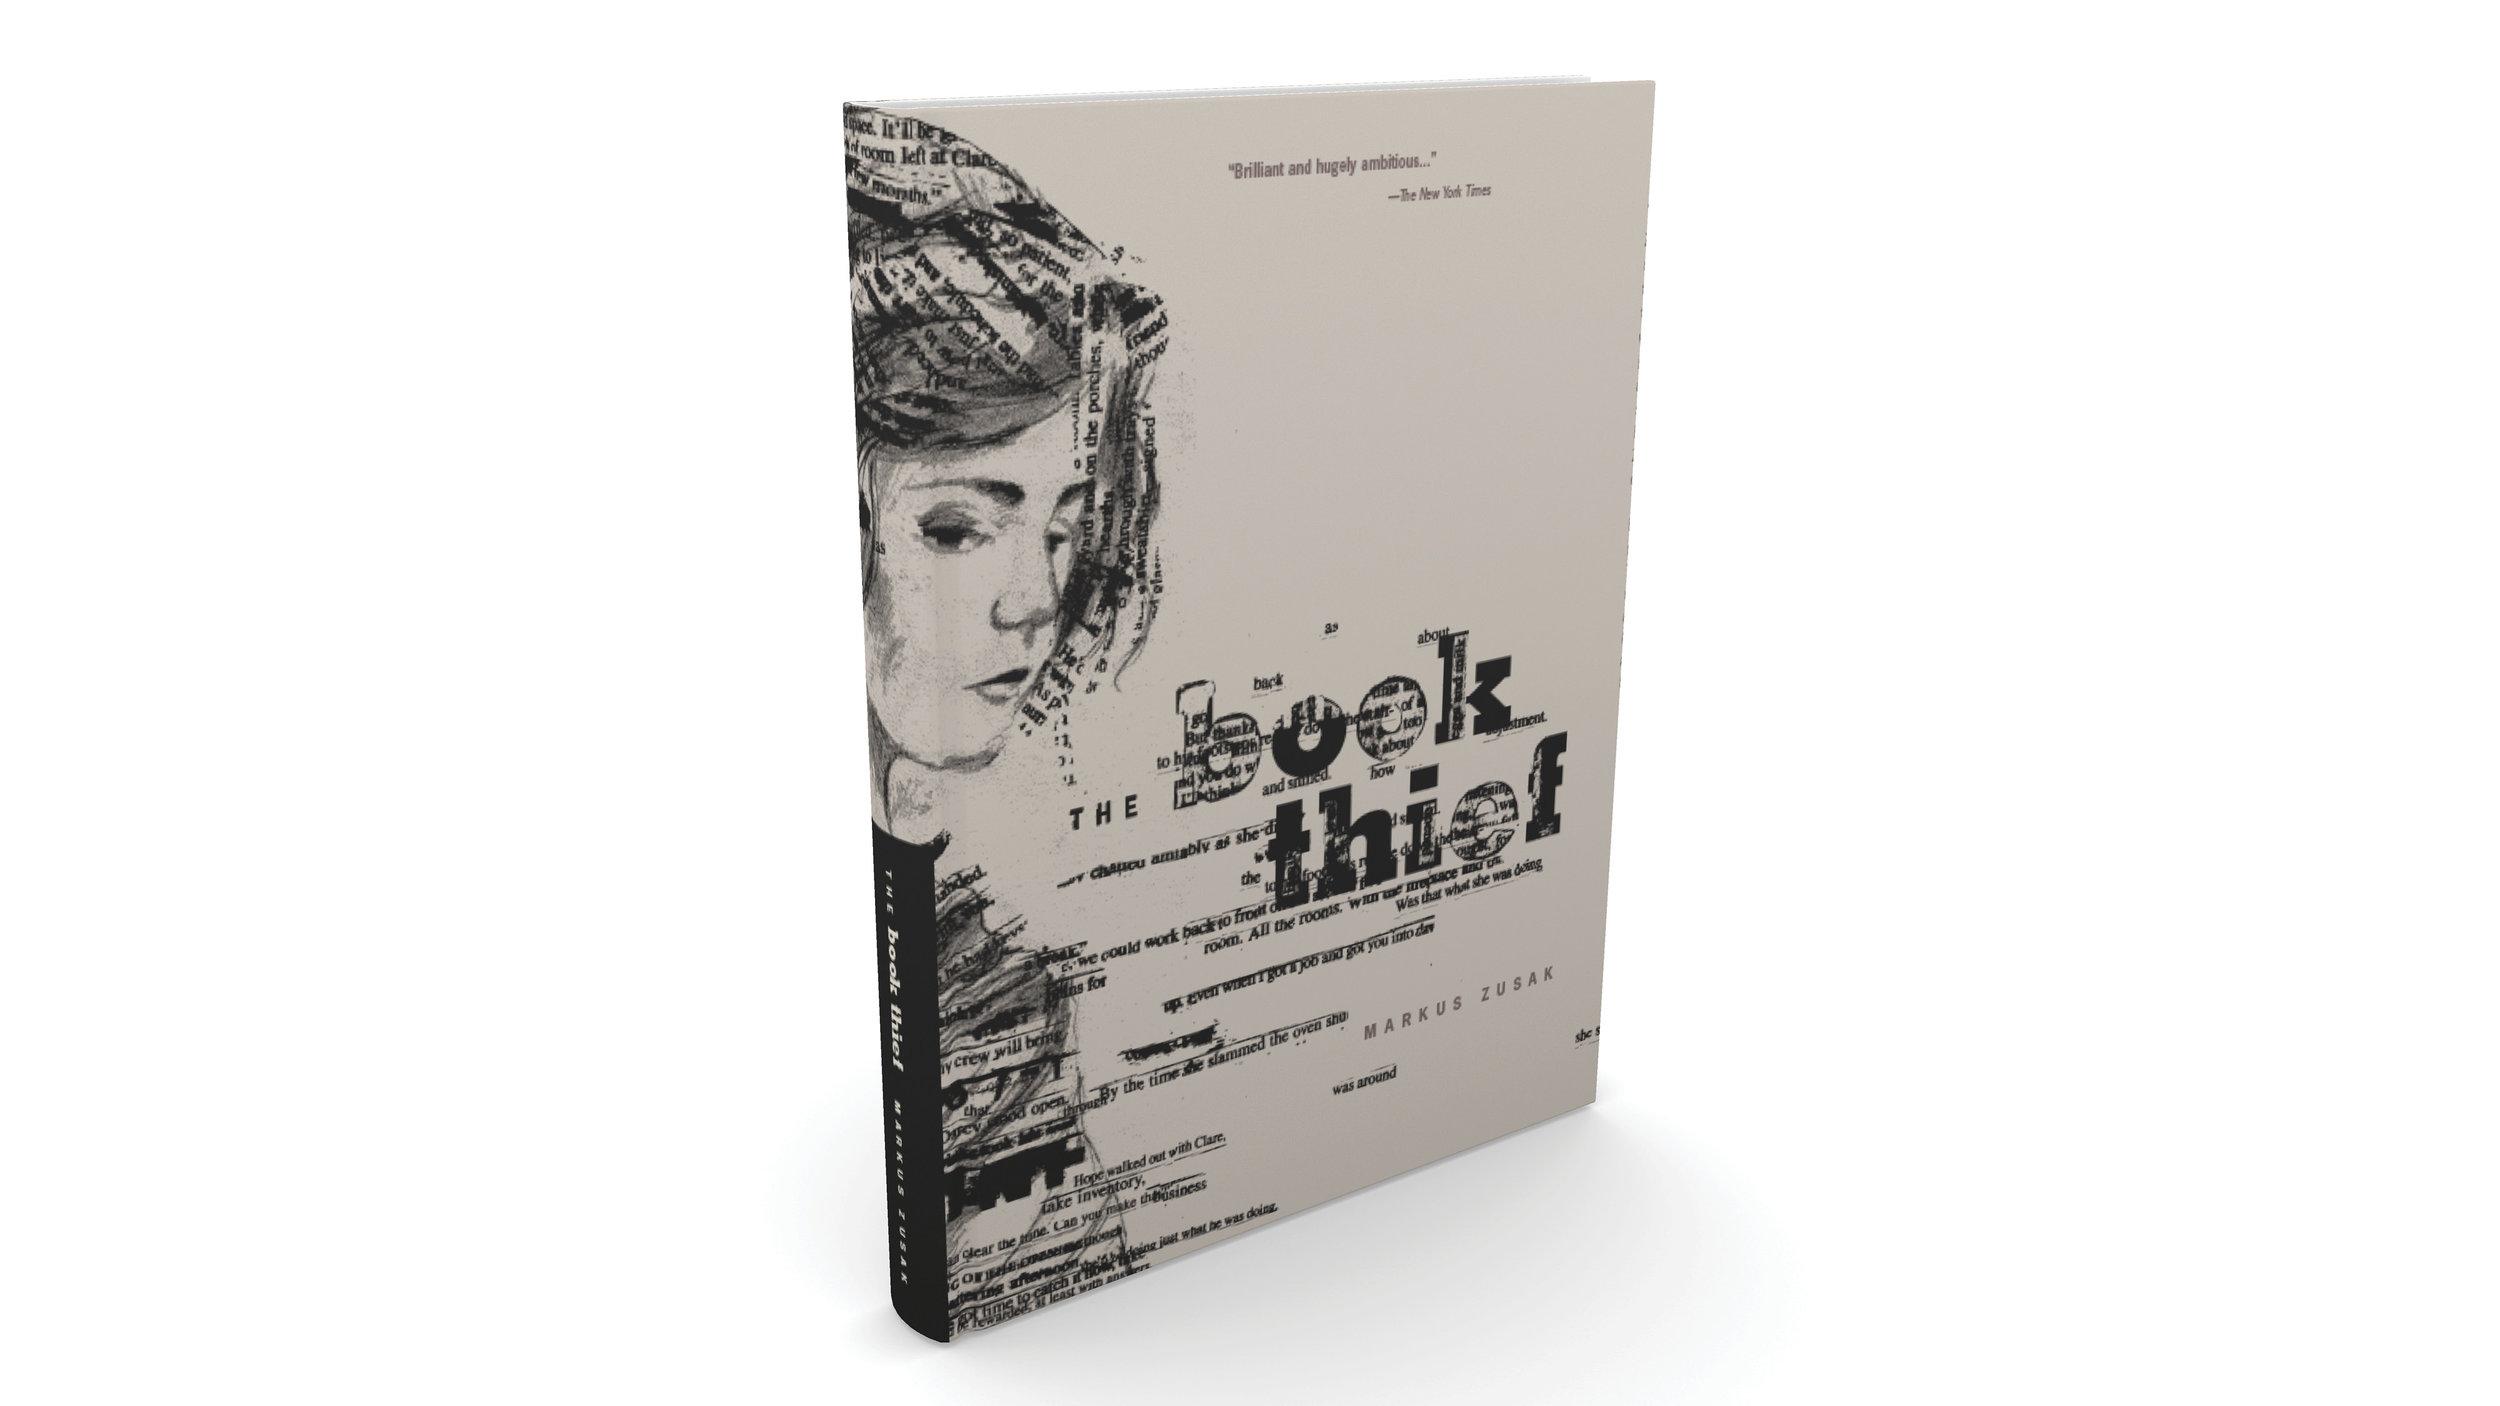 BookThief_sqspc_v24.jpg